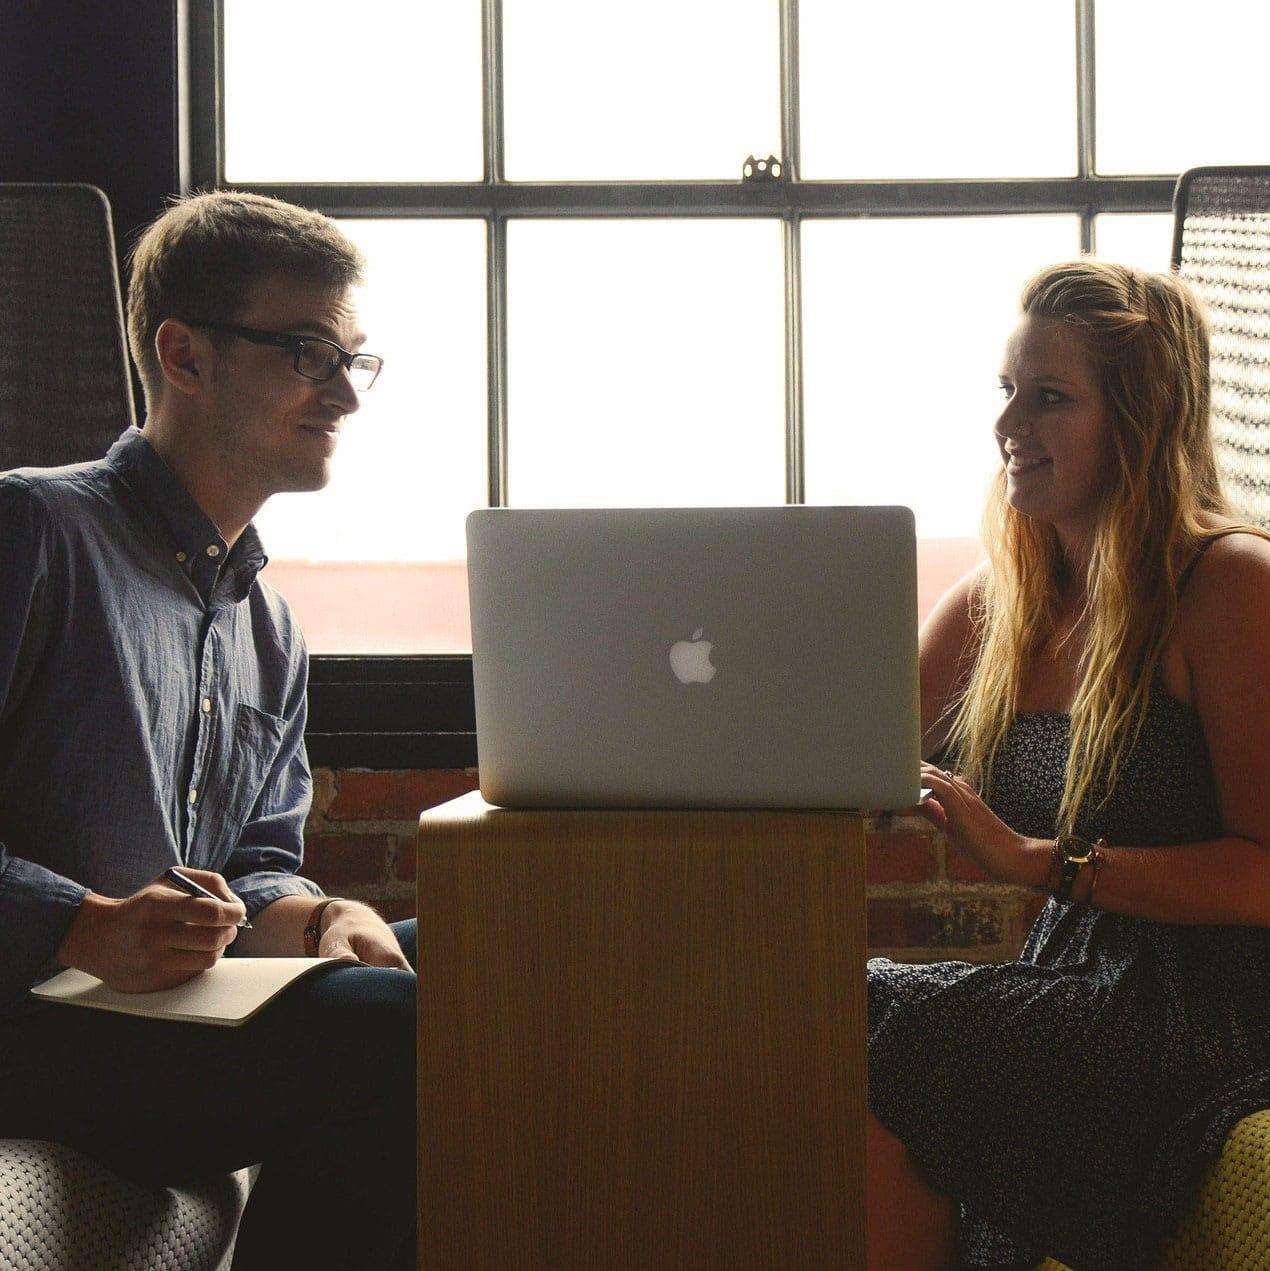 Visuel développer compétences - prestations